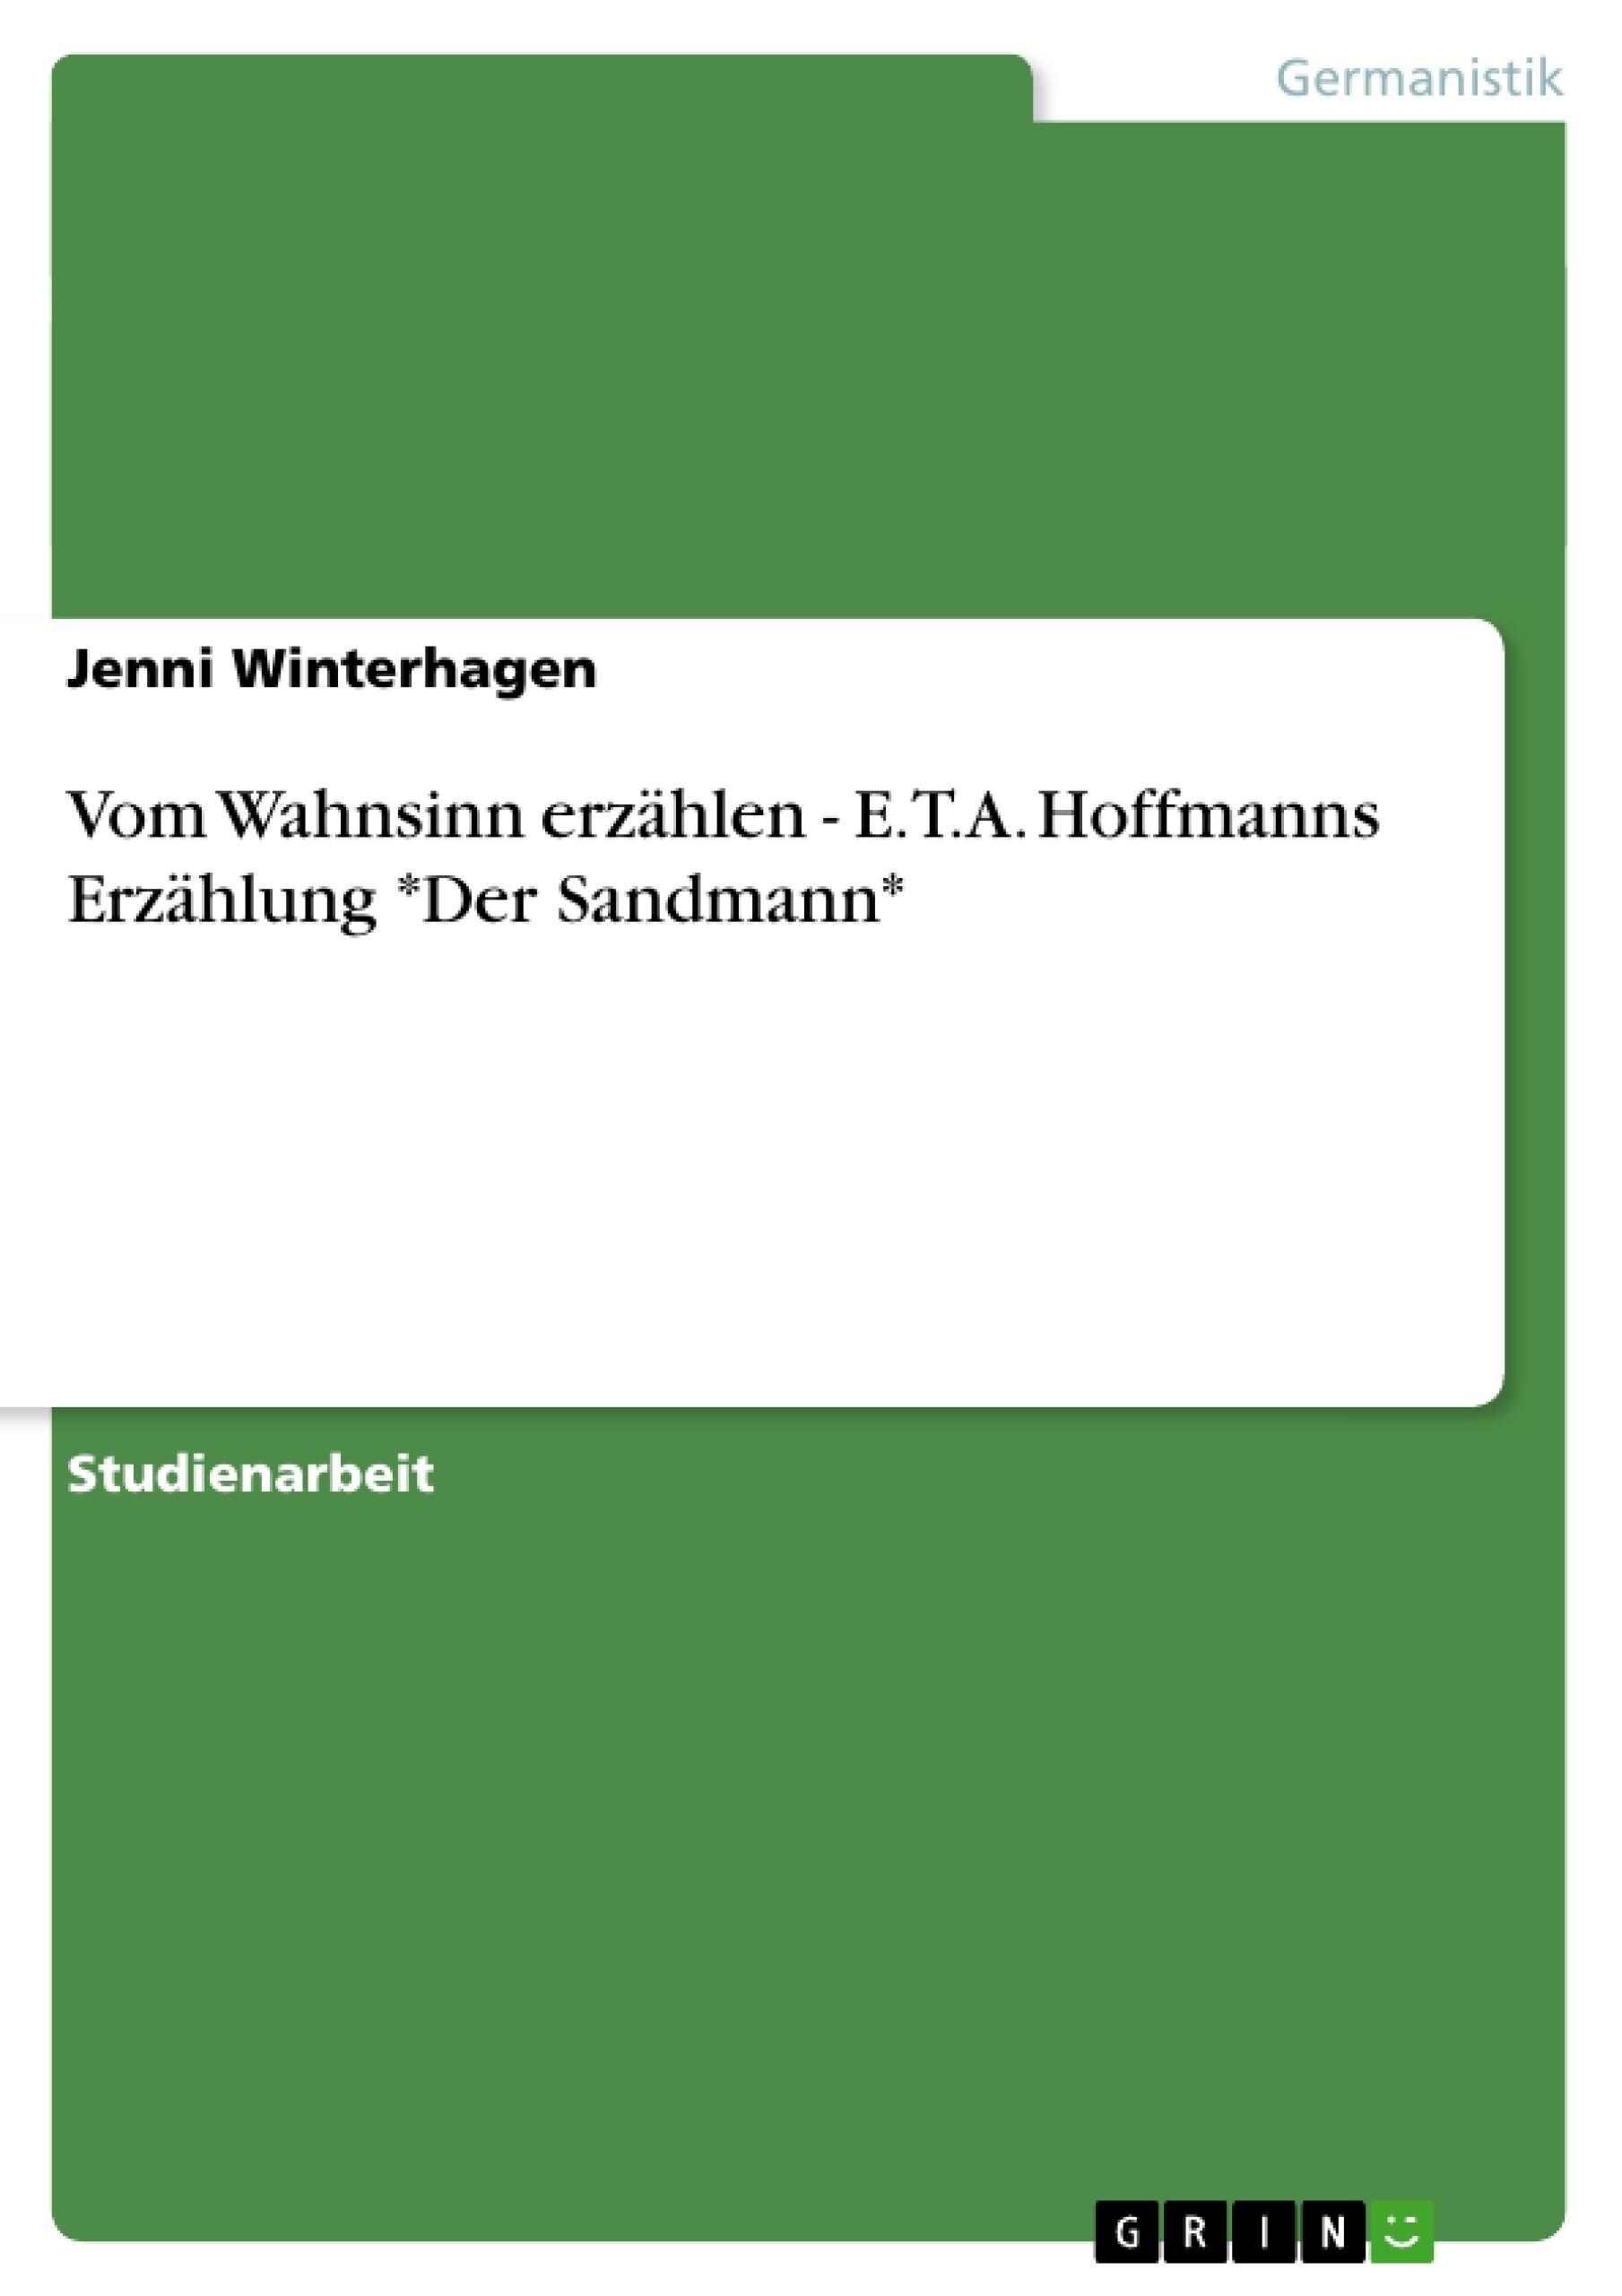 Titel: Vom Wahnsinn erzählen - E.T.A. Hoffmanns Erzählung *Der Sandmann*